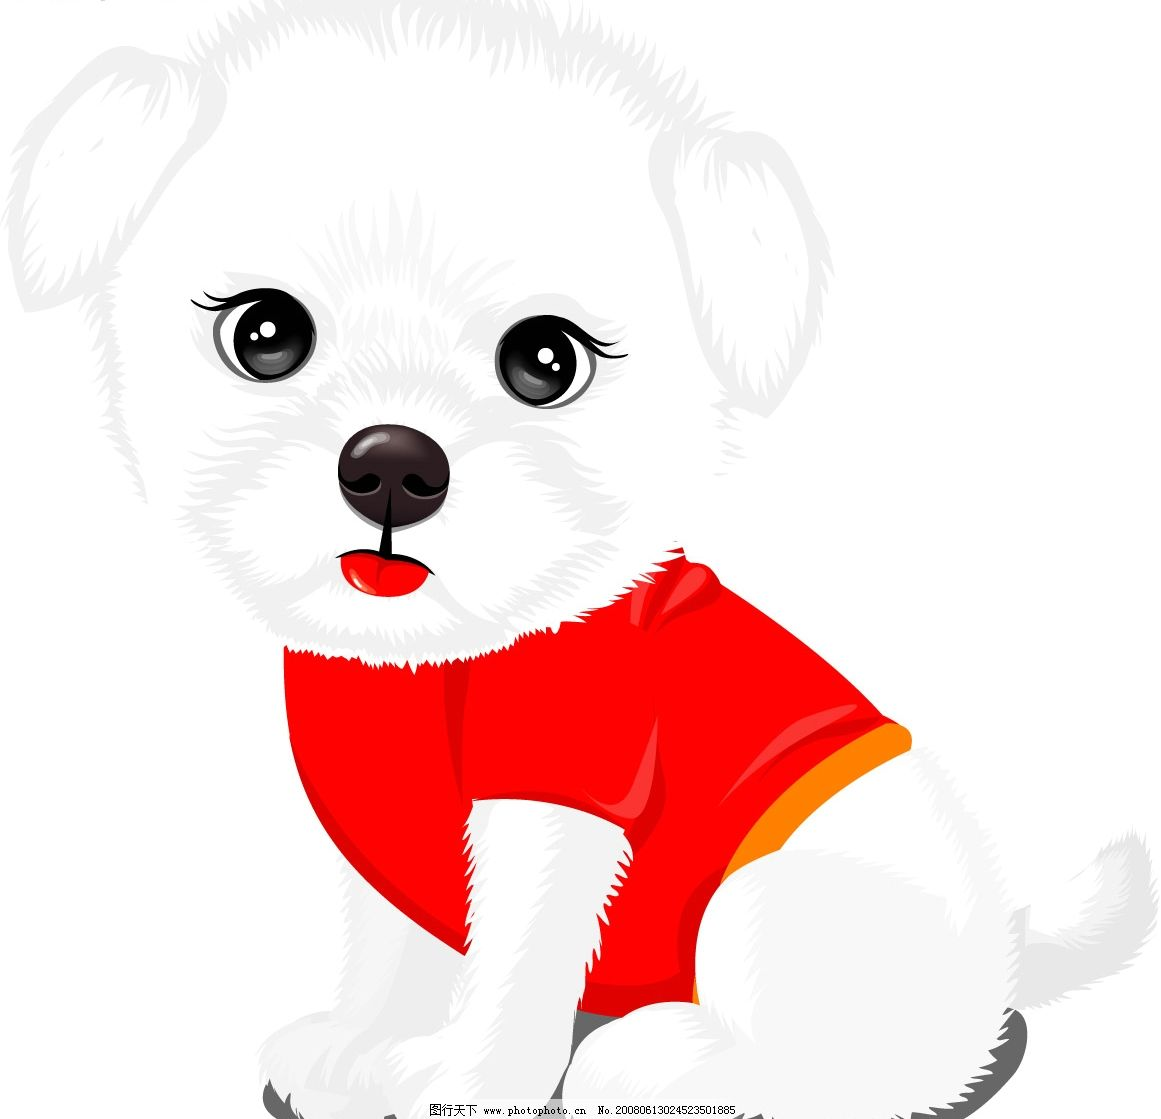 狗狗 可爱的小狗! 生物世界 家禽家畜 矢量图库   ai